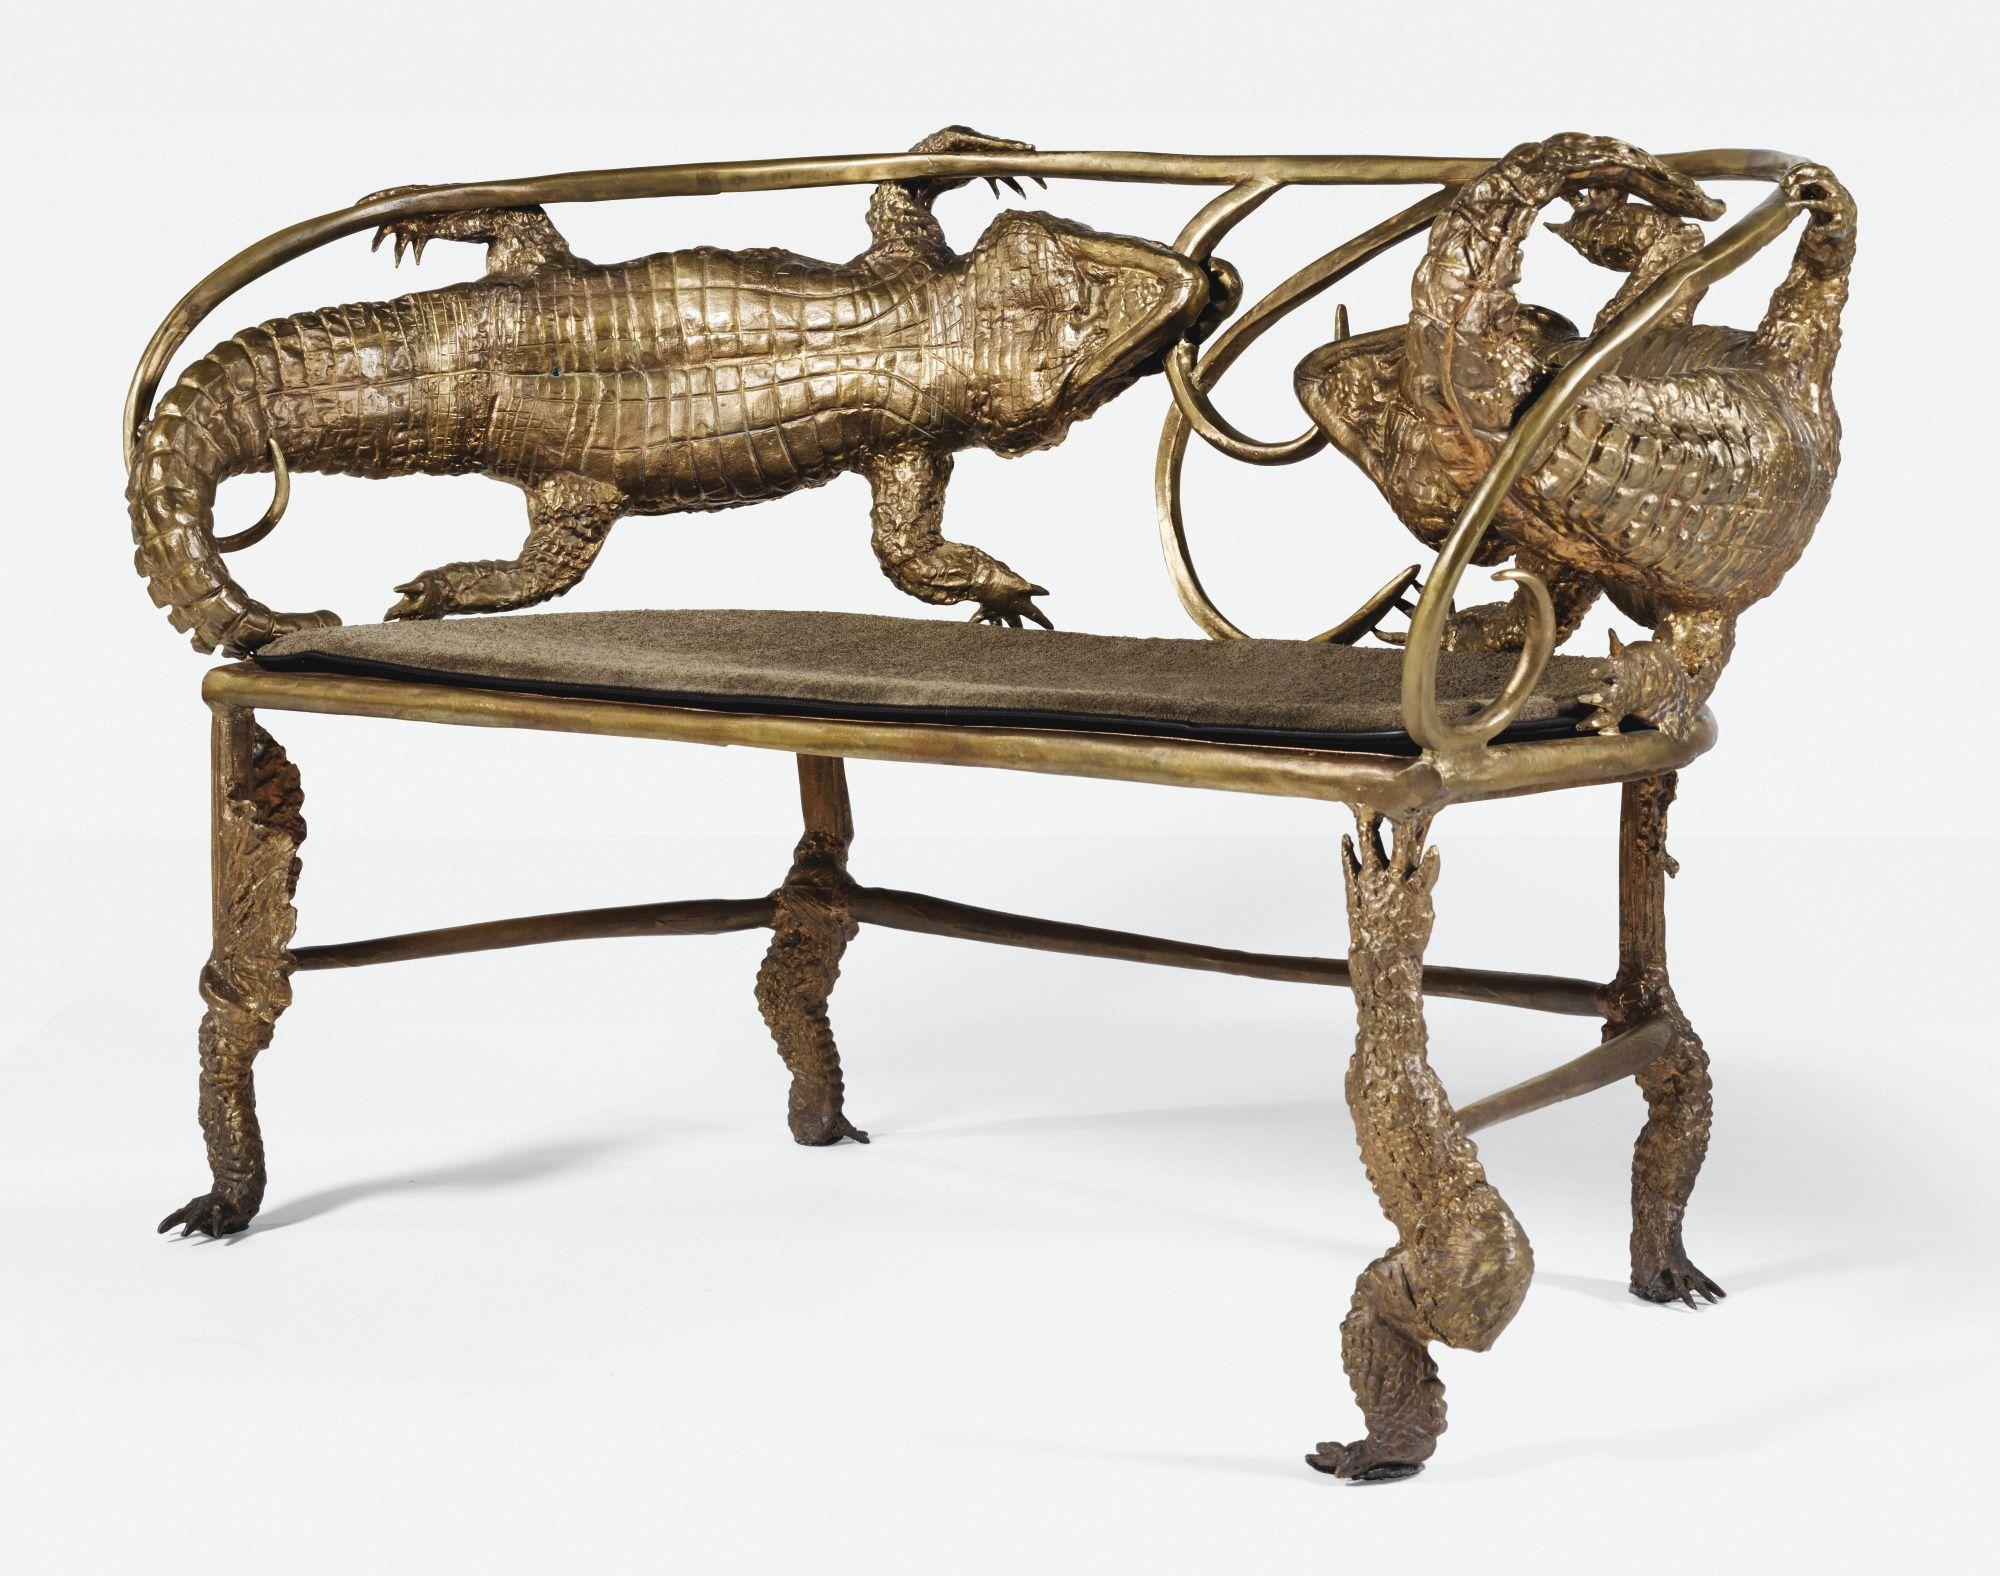 Banquette Crocodile, ||| Furniture